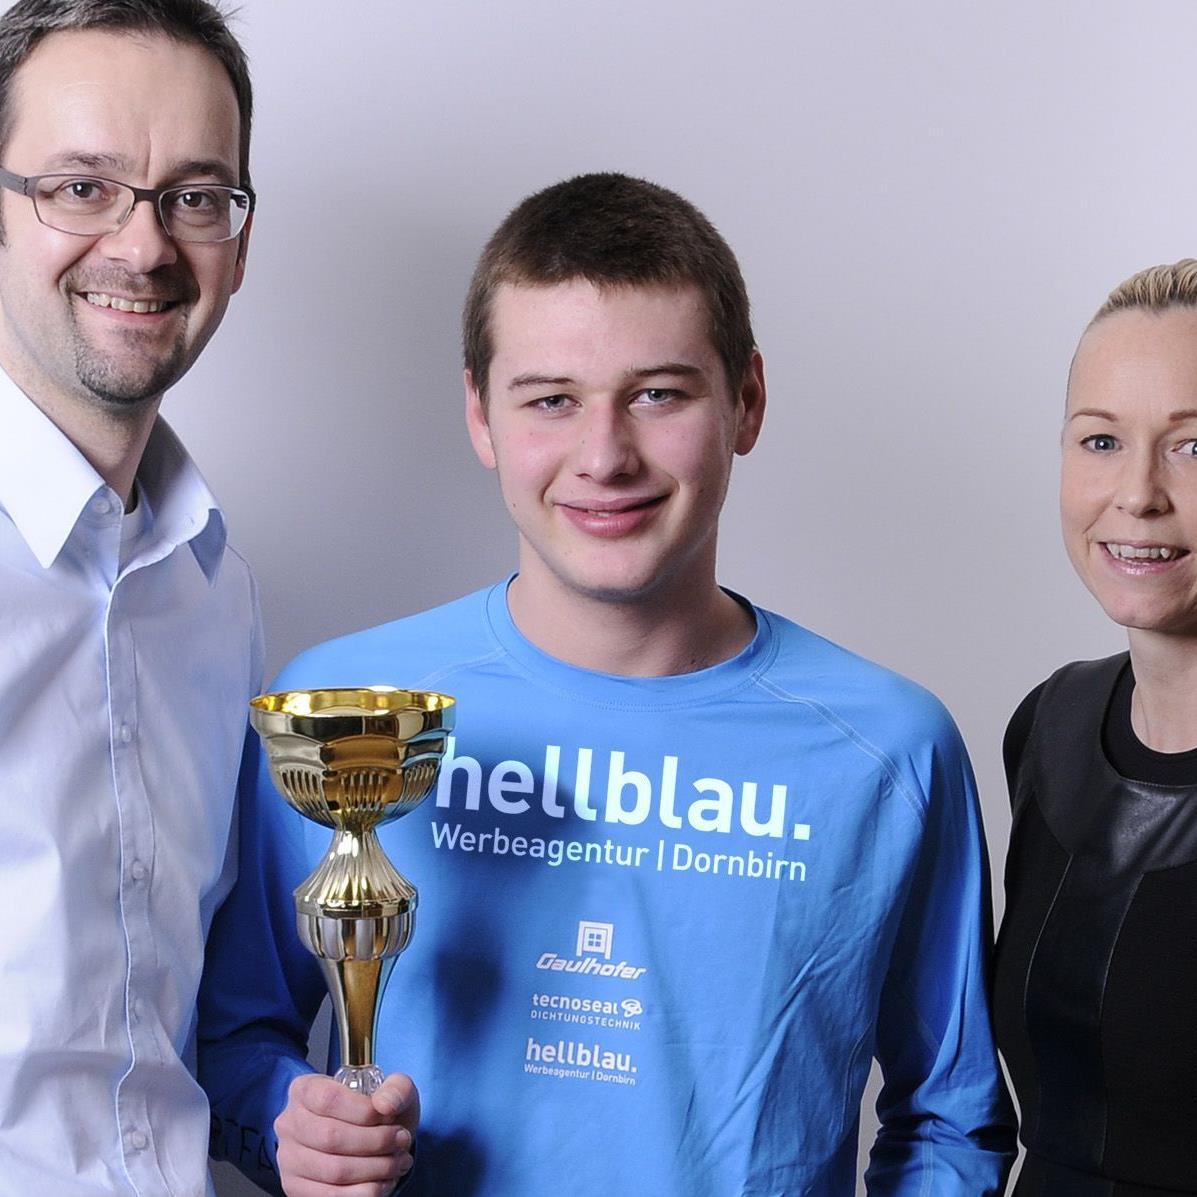 Die Werbeagentur Hellblau unterstützt den Rekord-Schwimmer Yannic Nasswetter aus Mäder.